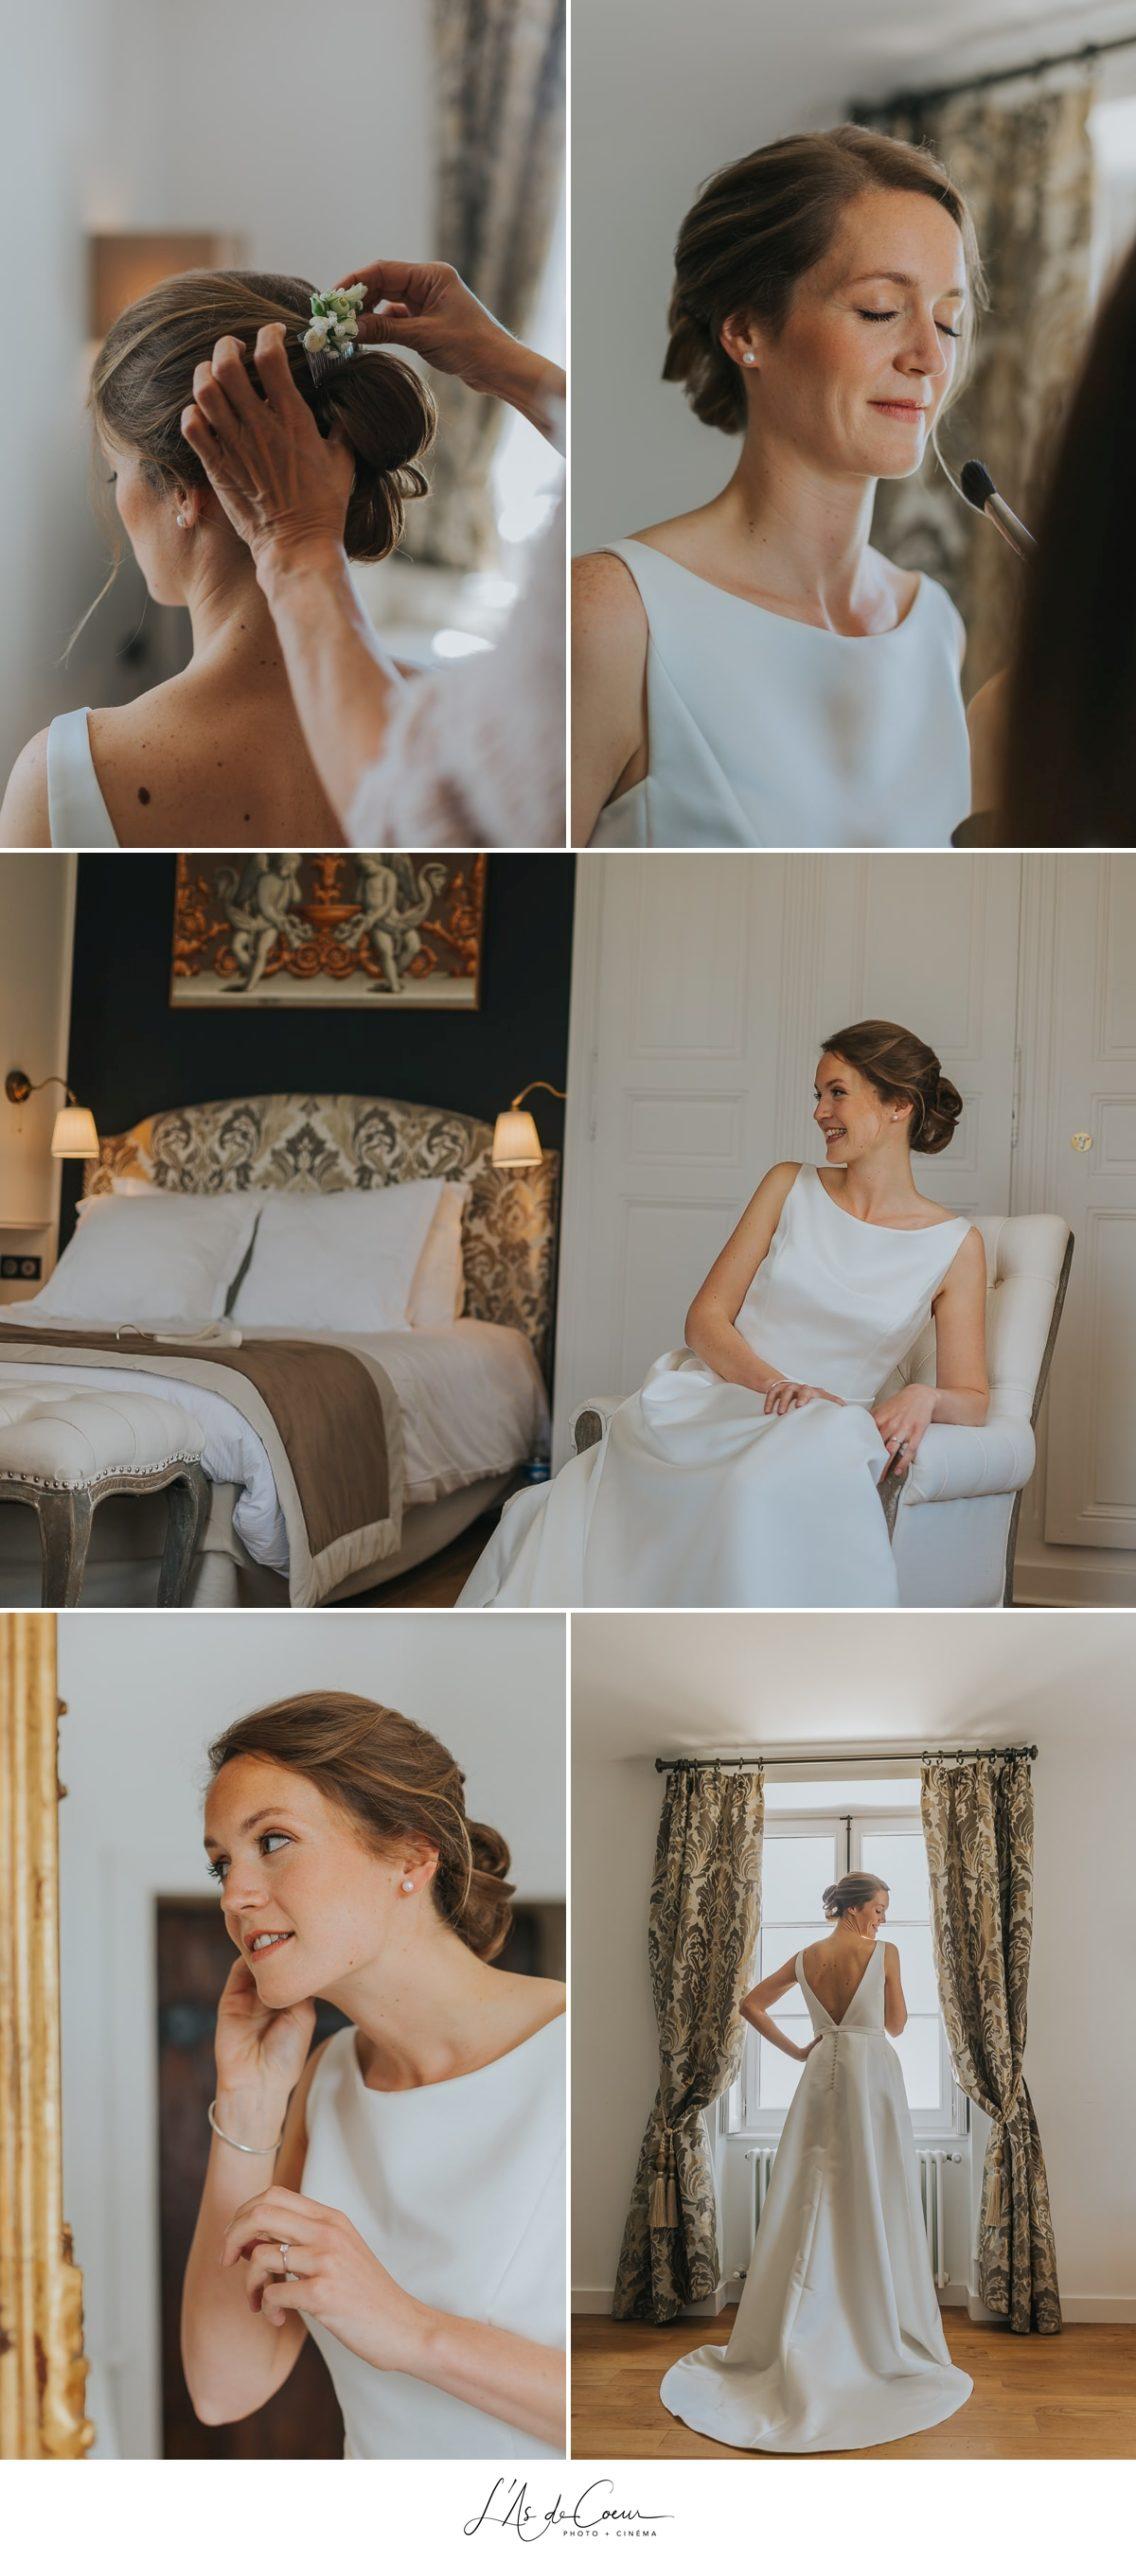 préparatifs mariée romantique Domaine de Morgon la javenrière photographe mariage lyon Beaujolais L'As de Coeur